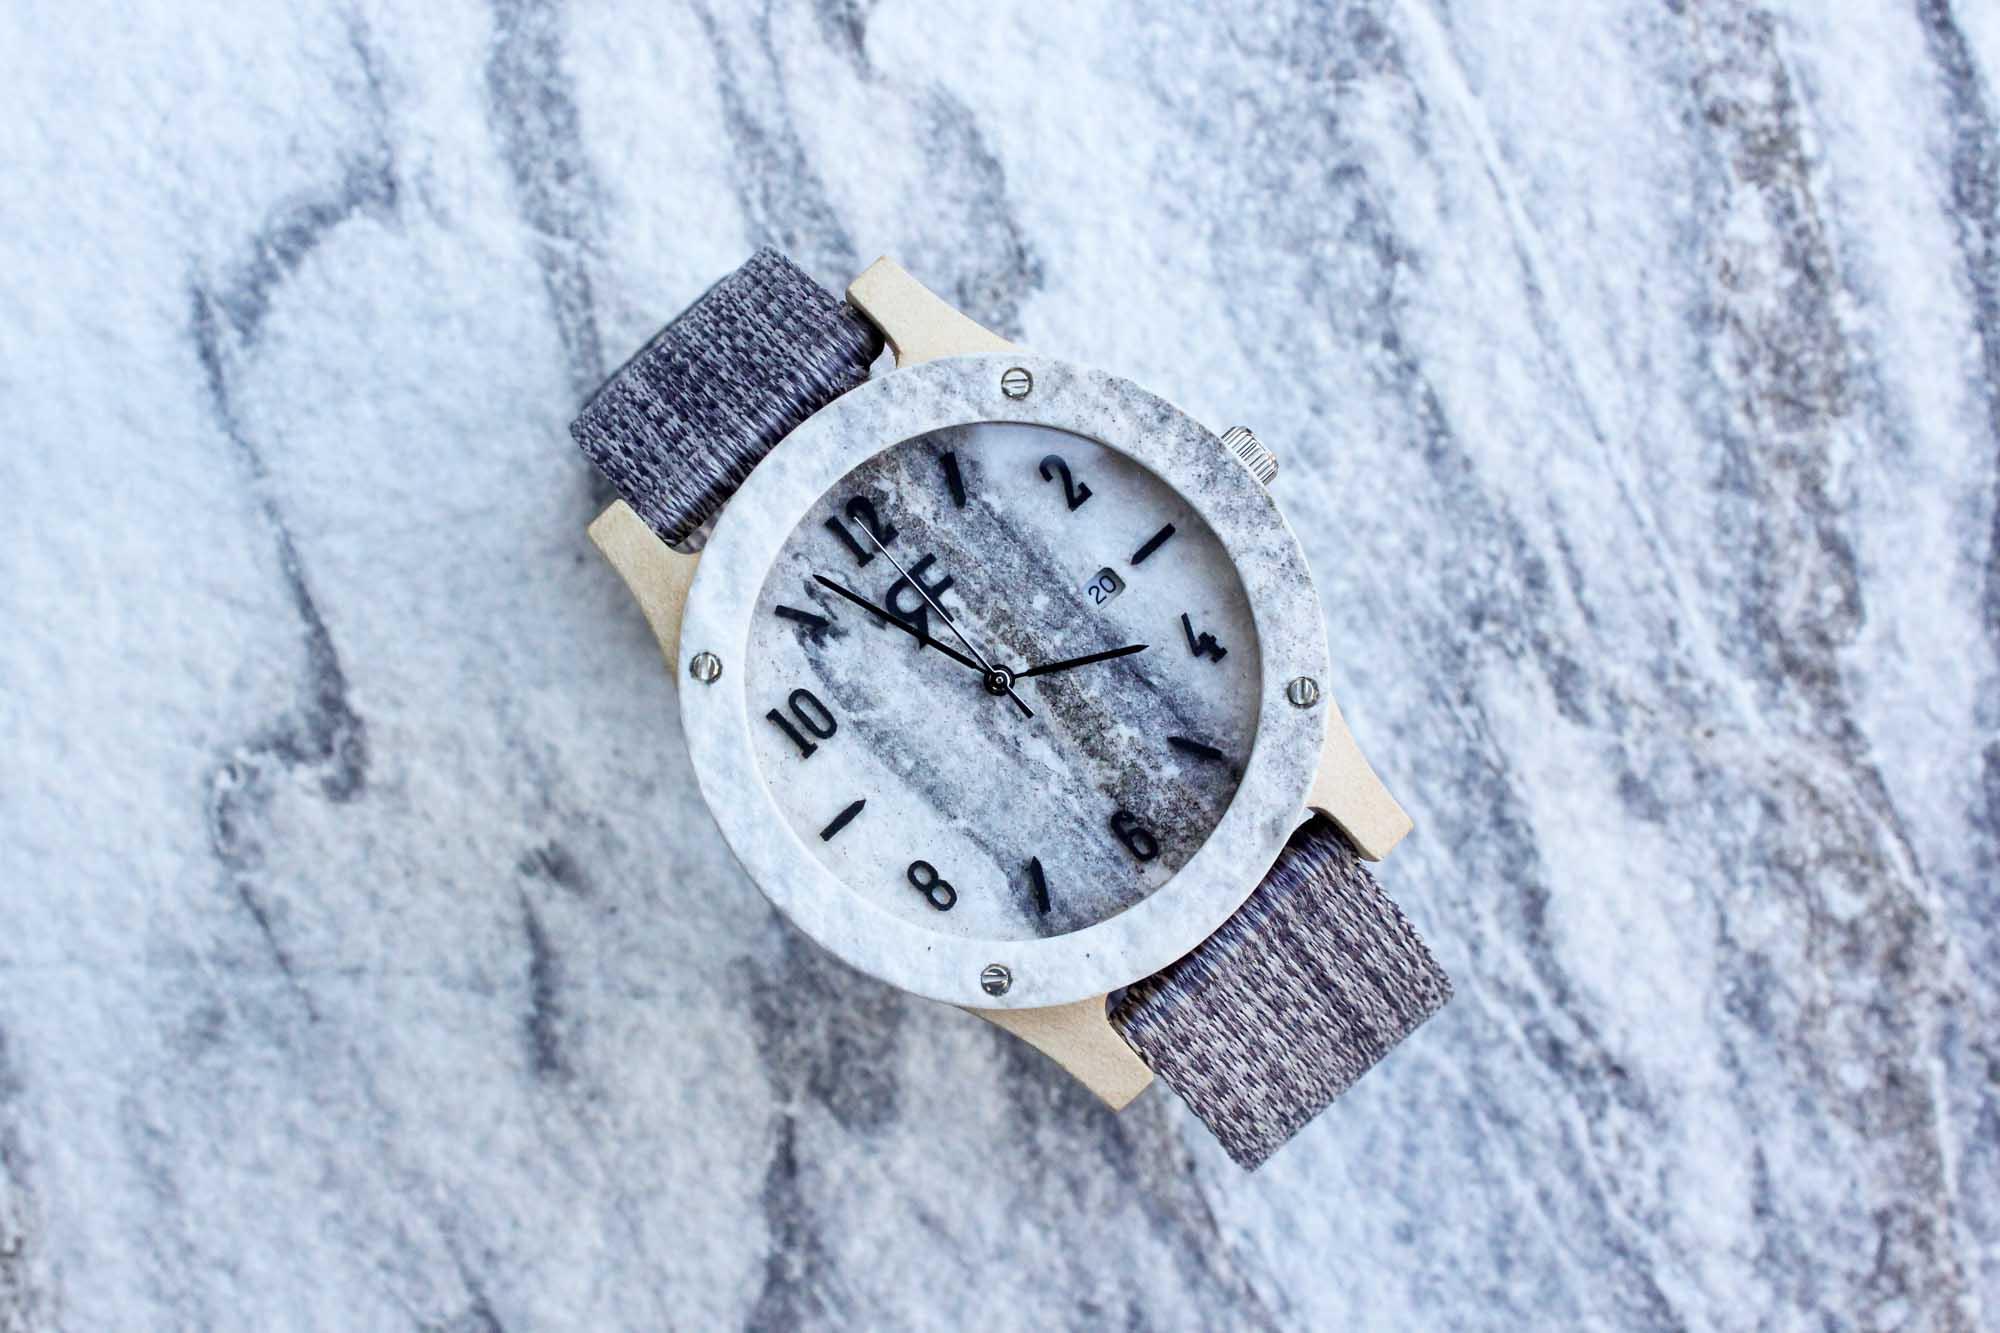 Zegarek drewniany Realforest Stone - kamień marmur